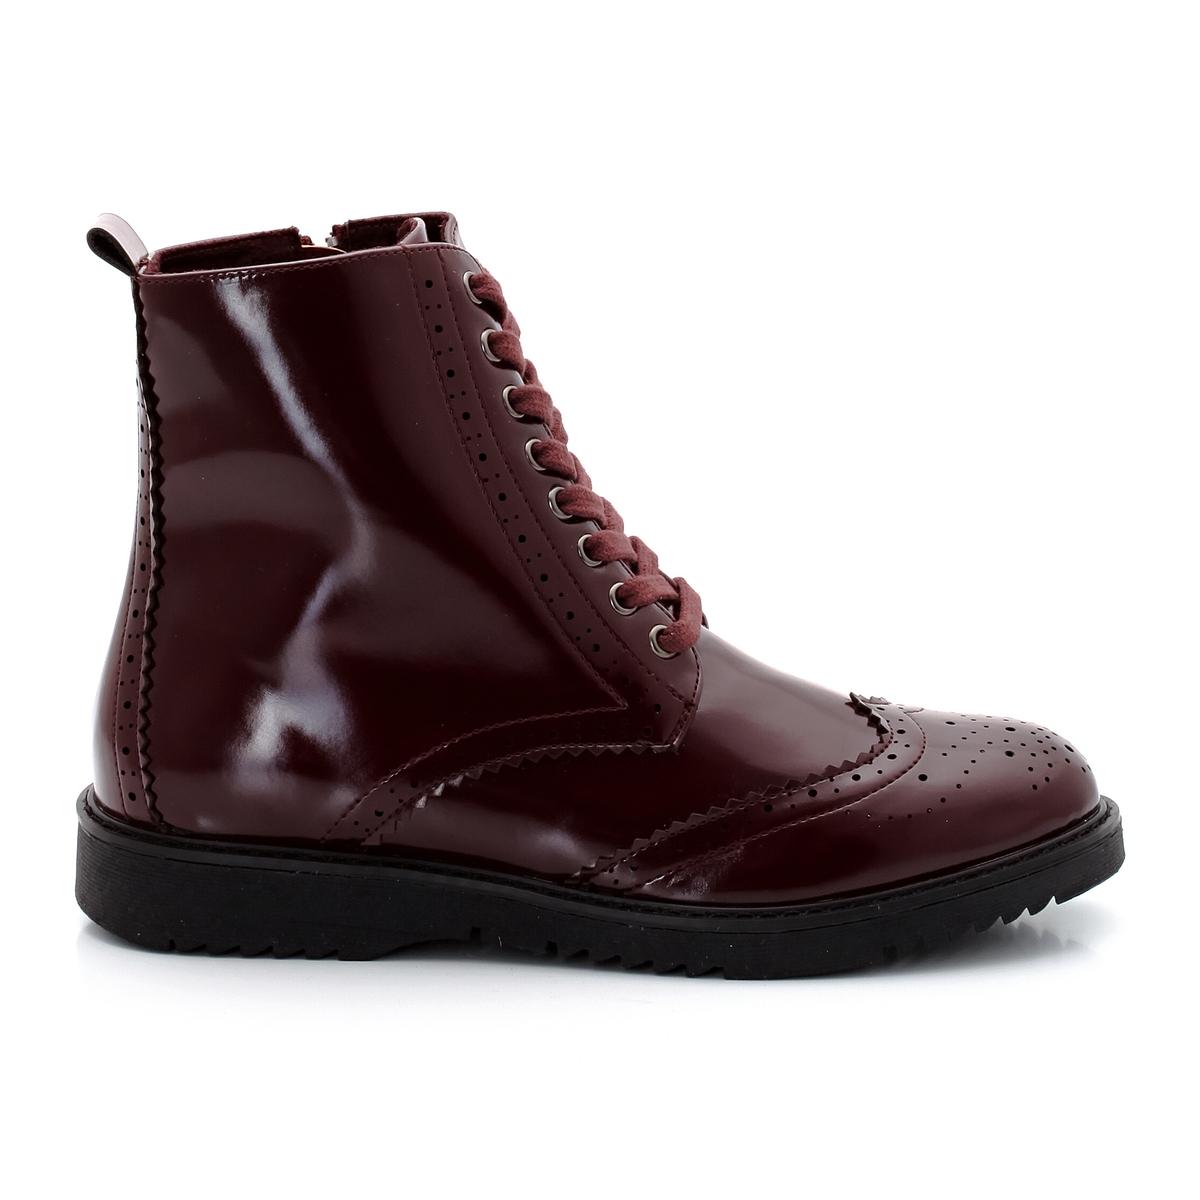 Ботильоны лакированные на шнуровкеДетали   •  Высота голенища : 13 см для размера 37 •  Высота каблука : 0 см •  Застежка : шнуровка •  Круглый мысок •  ЛакированныеСостав и уход   •  Верх 100% синтетический материал •  Подкладка 100% полиэстер •  Стелька 100% синтетический материал •  Подошва 100% эластомер<br><br>Цвет: черный<br>Размер: 37.38